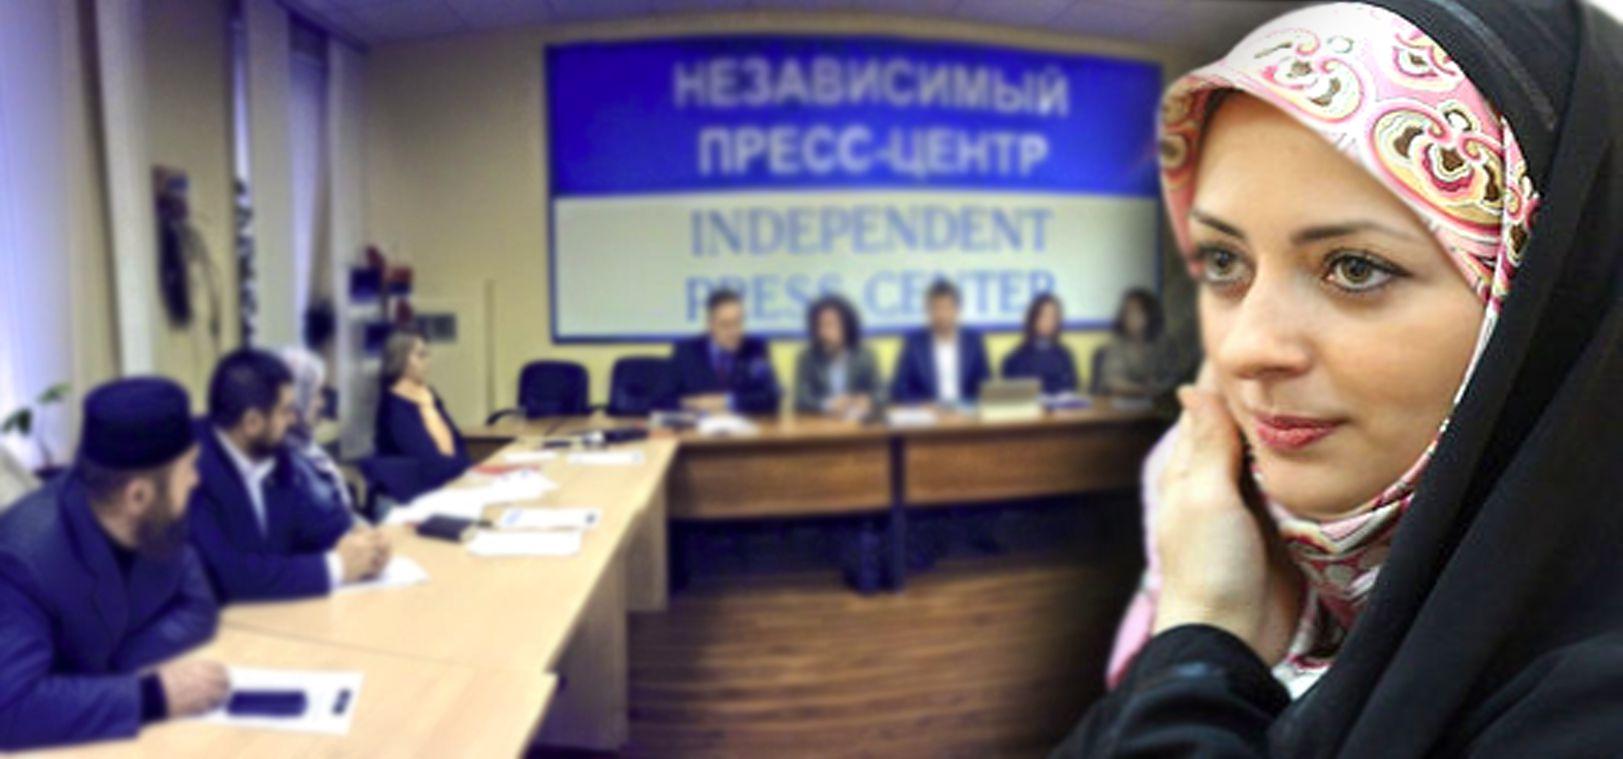 Azeri Sahar Tv | Правительство Республики Мордовия против платков в школе: пресс-конференция |